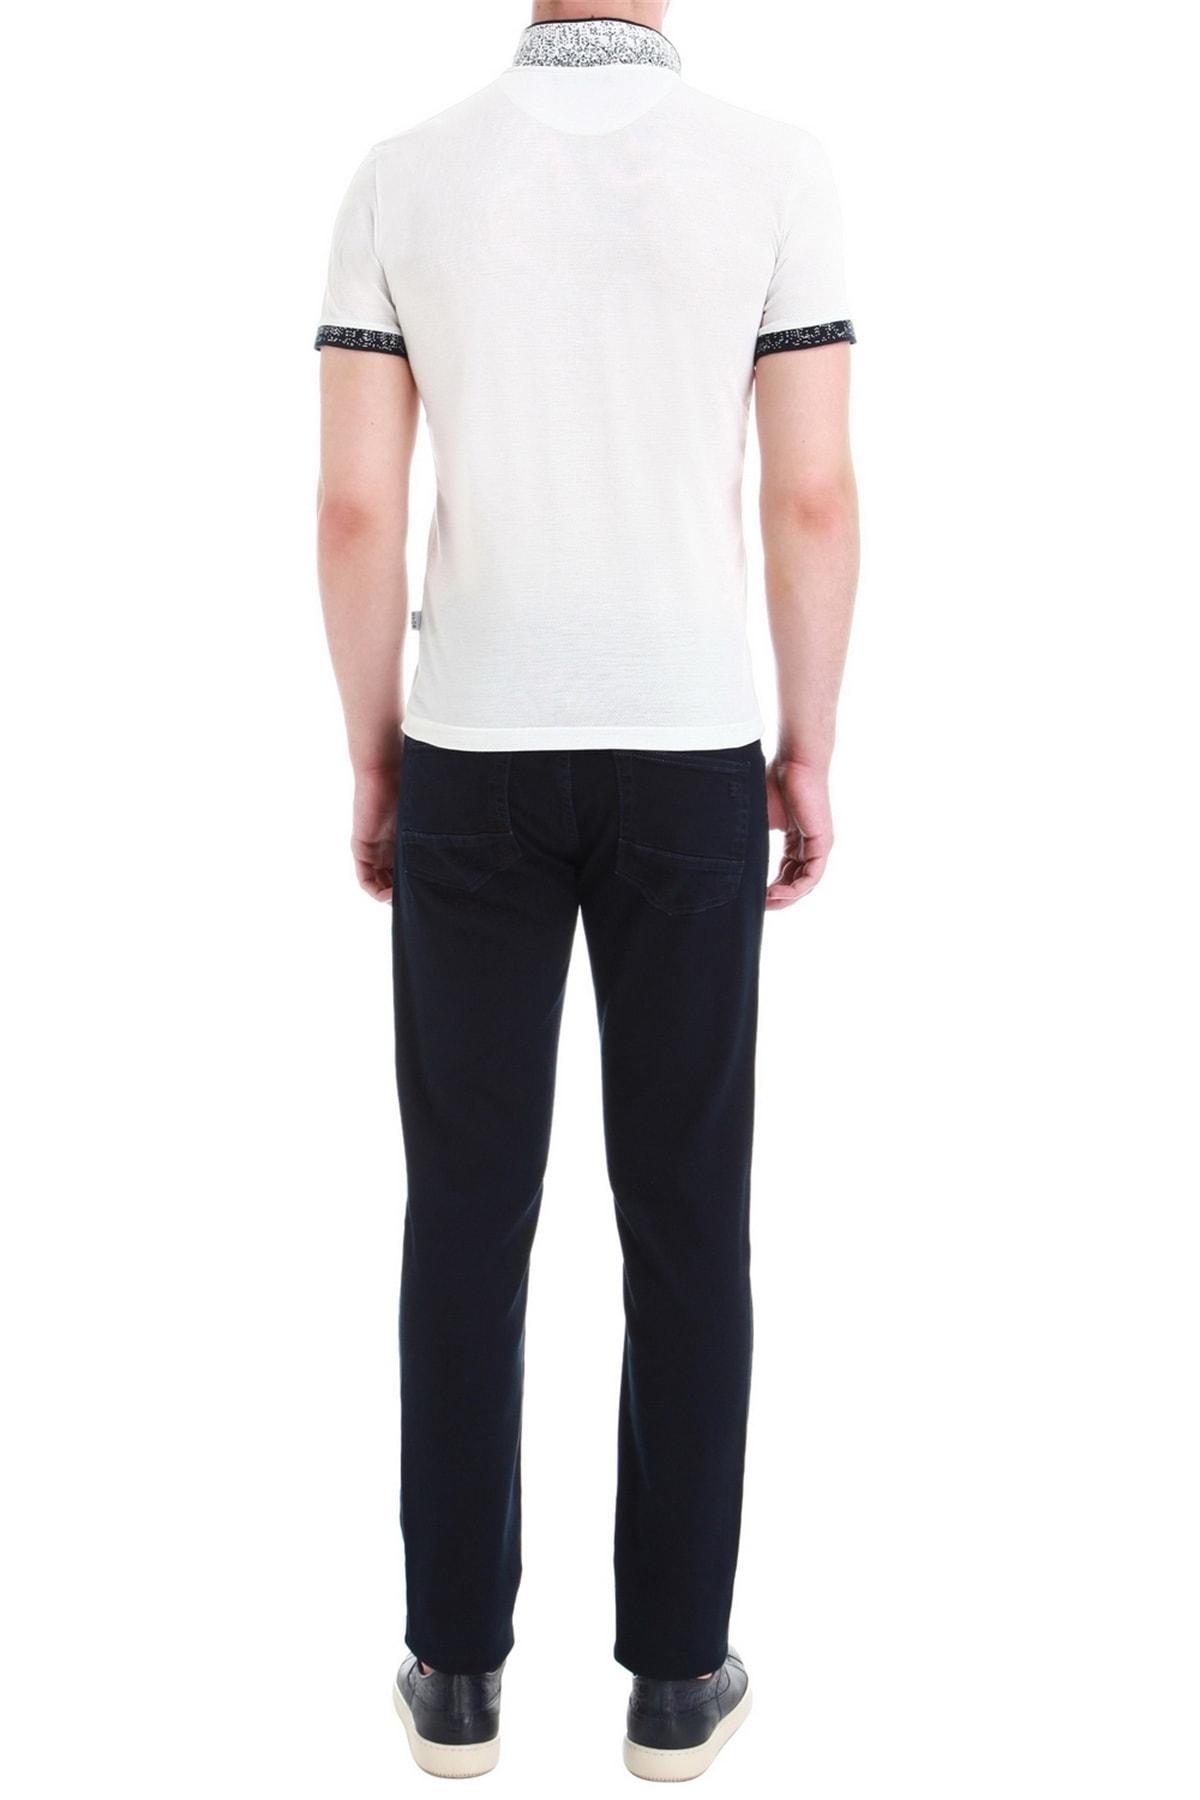 Efor 035 Slim Fit Lacivert Jean Pantolon 2